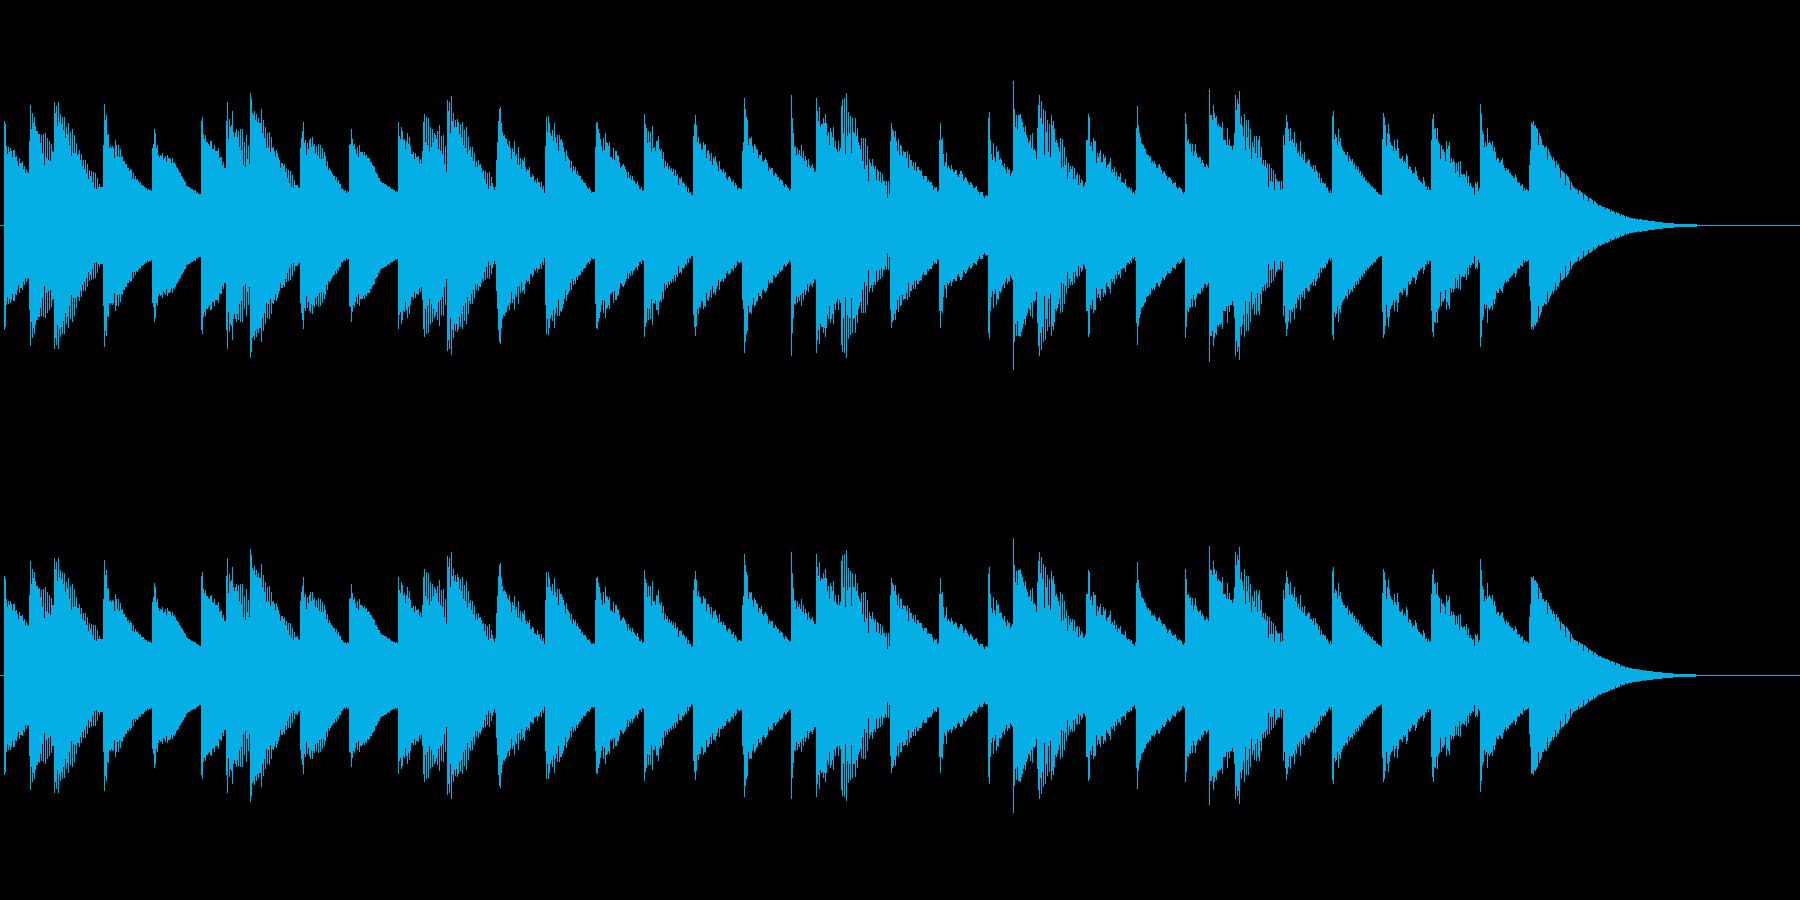 ワクワクするオルゴールBGM11秒の再生済みの波形